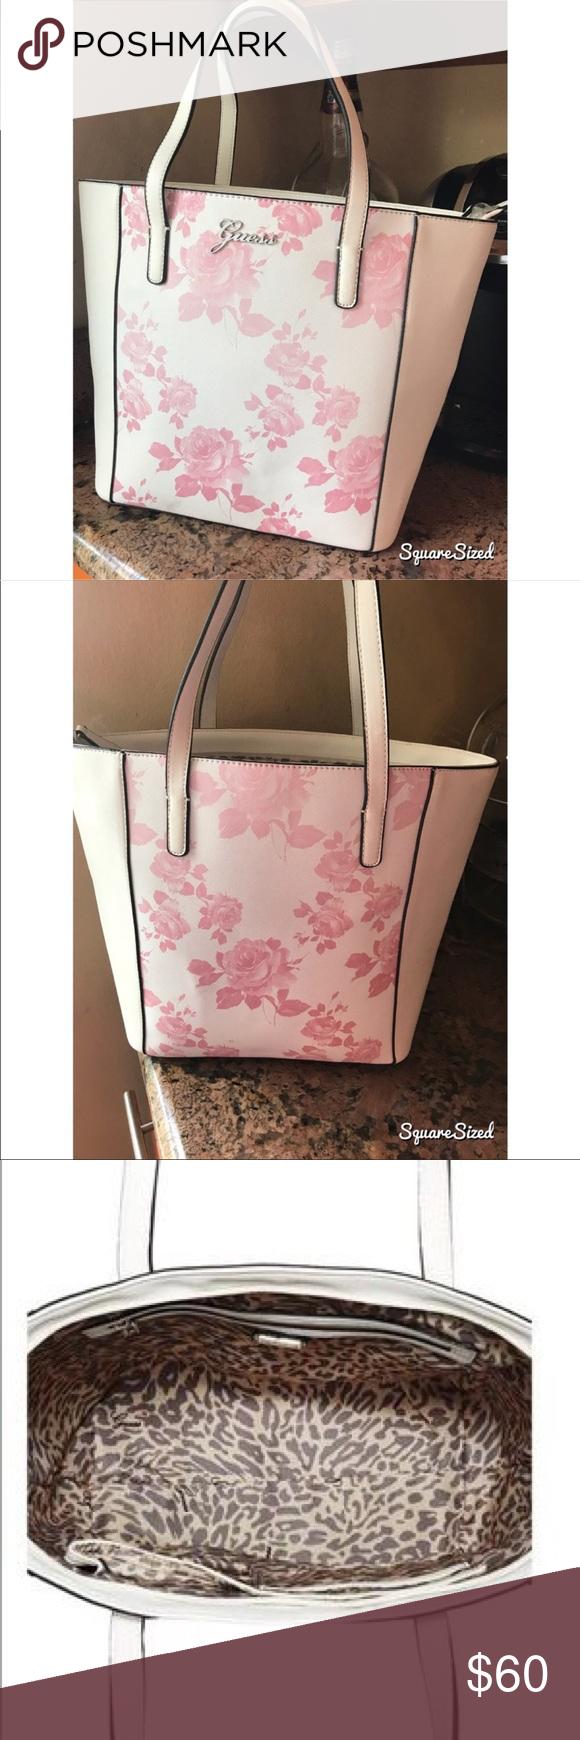 6a41e50d09 GUESS SONJA BAG FLORAL DESIGN NEW New!!! Sonja floral design guess tote.